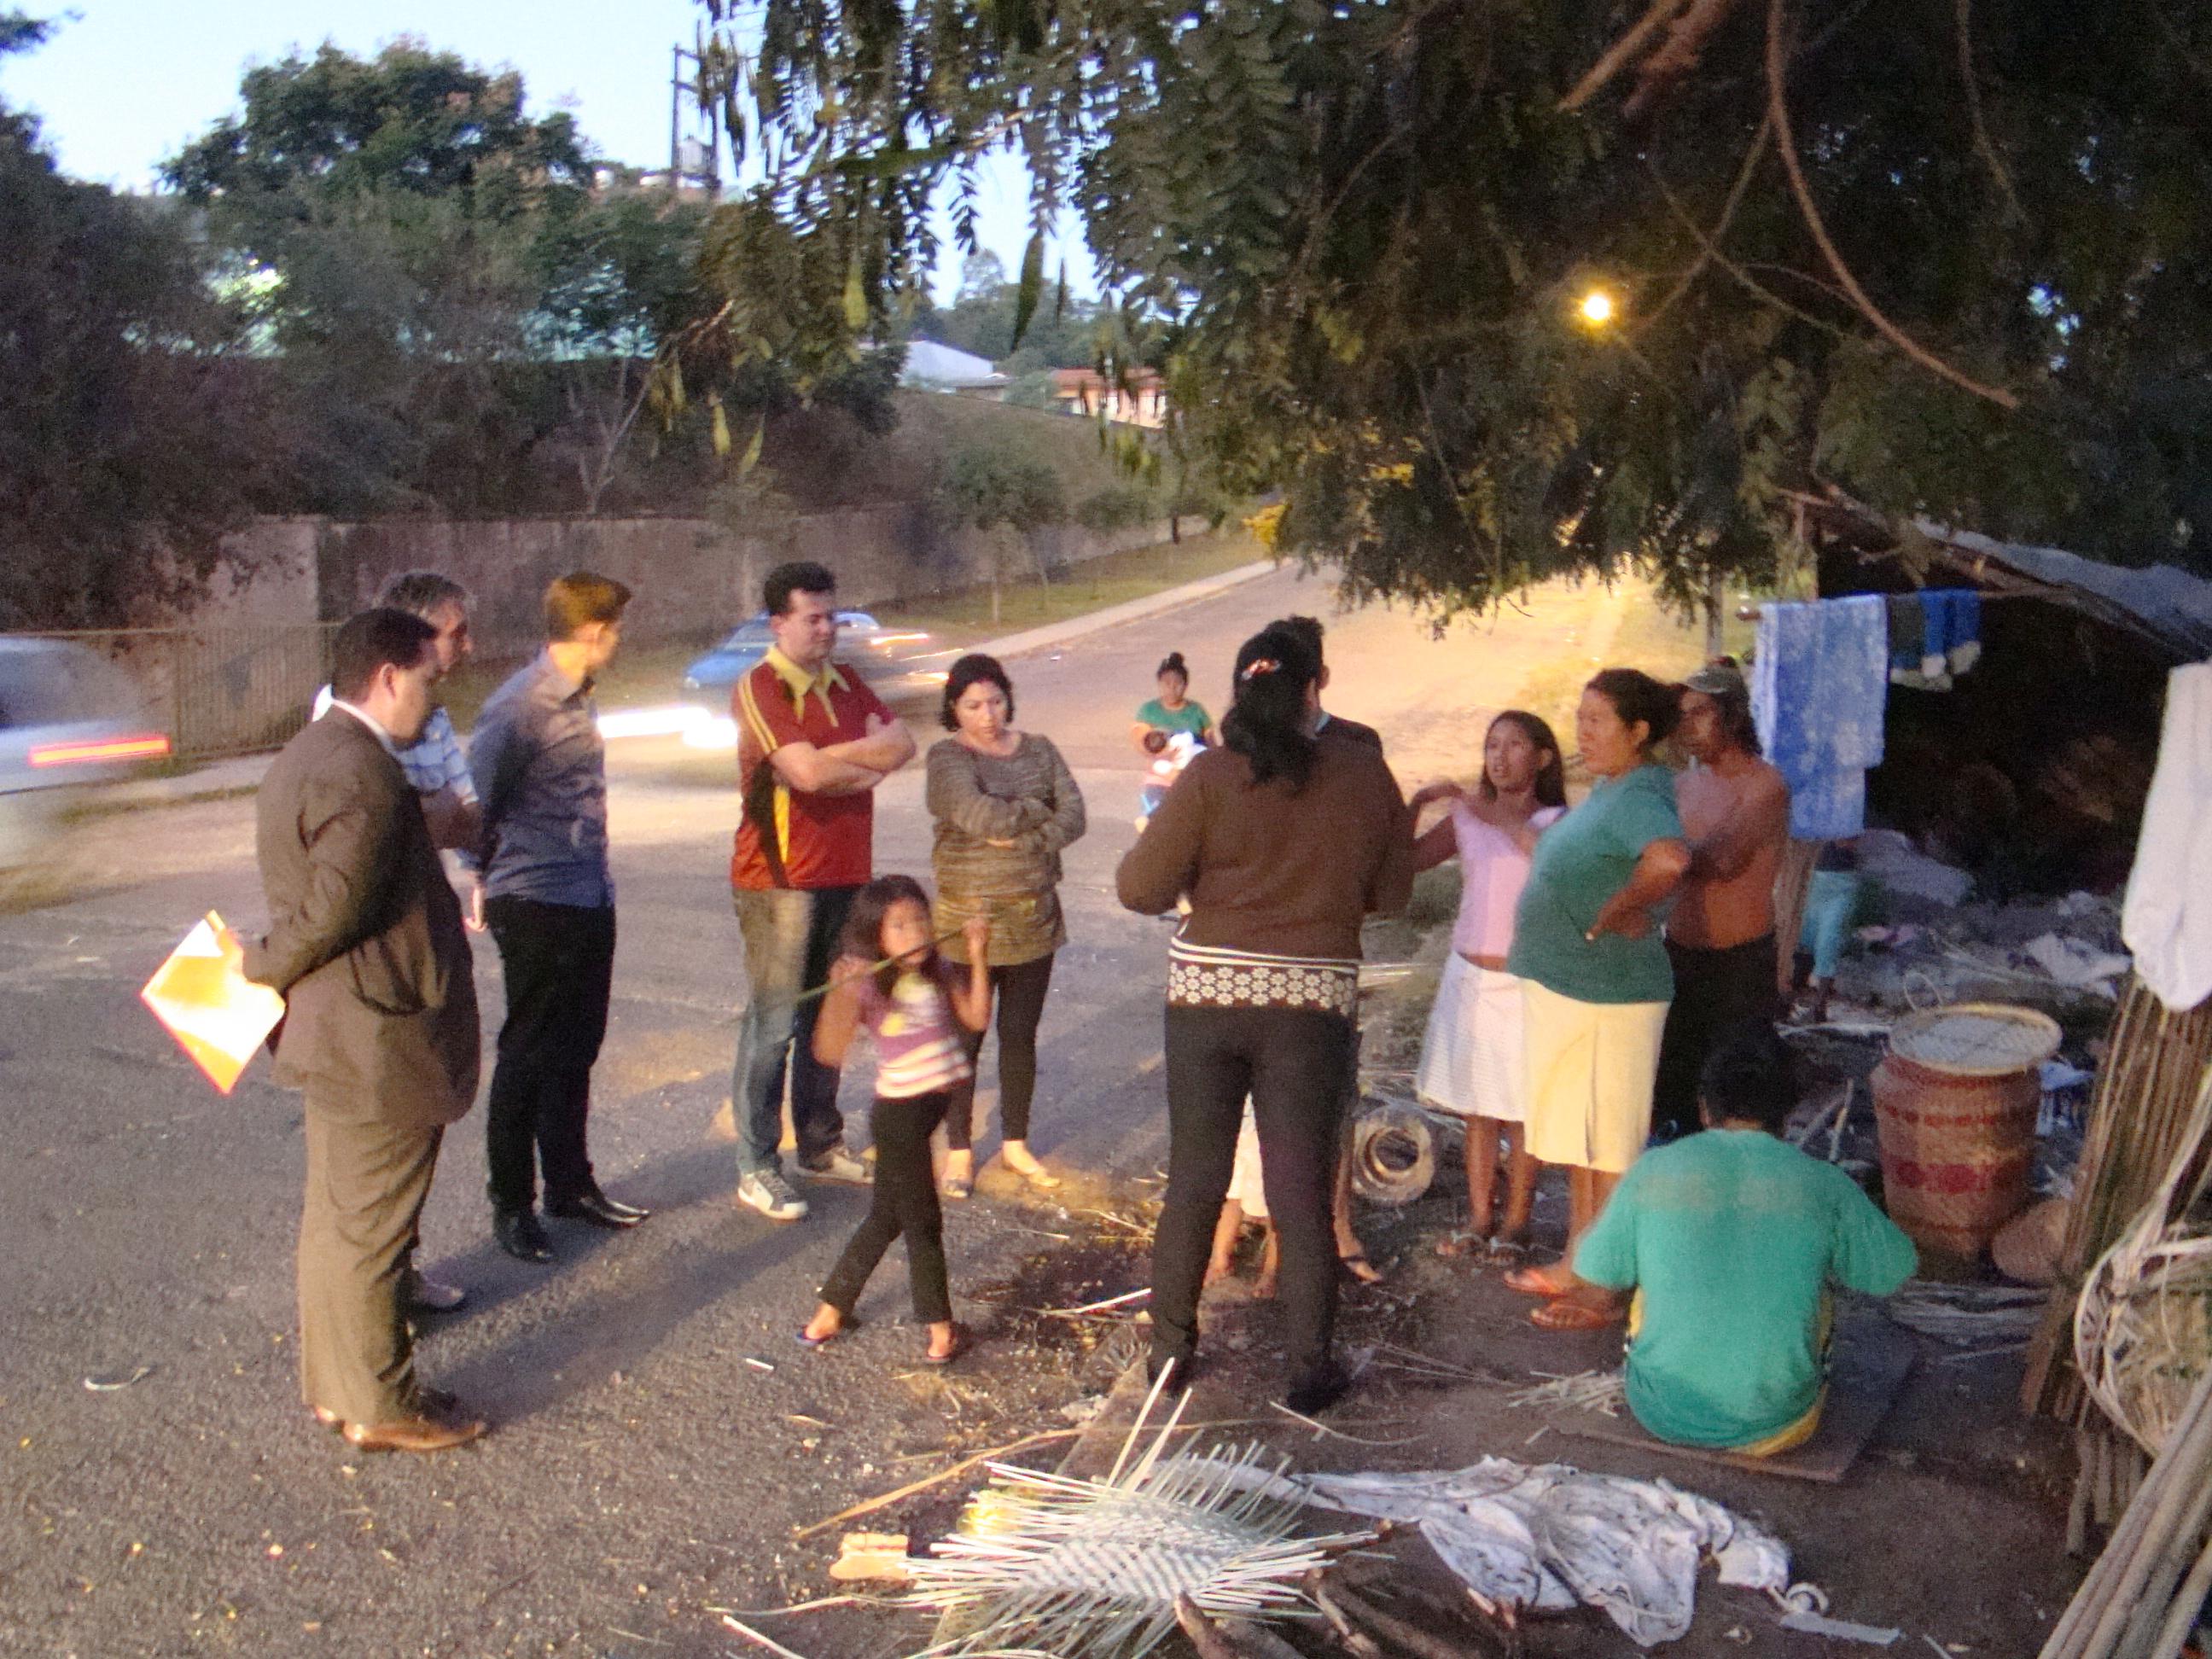 Durante a visita ao acampamento ind�gena, foram coletadas informa��es sobre diversos aspectos da presen�a dos mesmos na cidade.